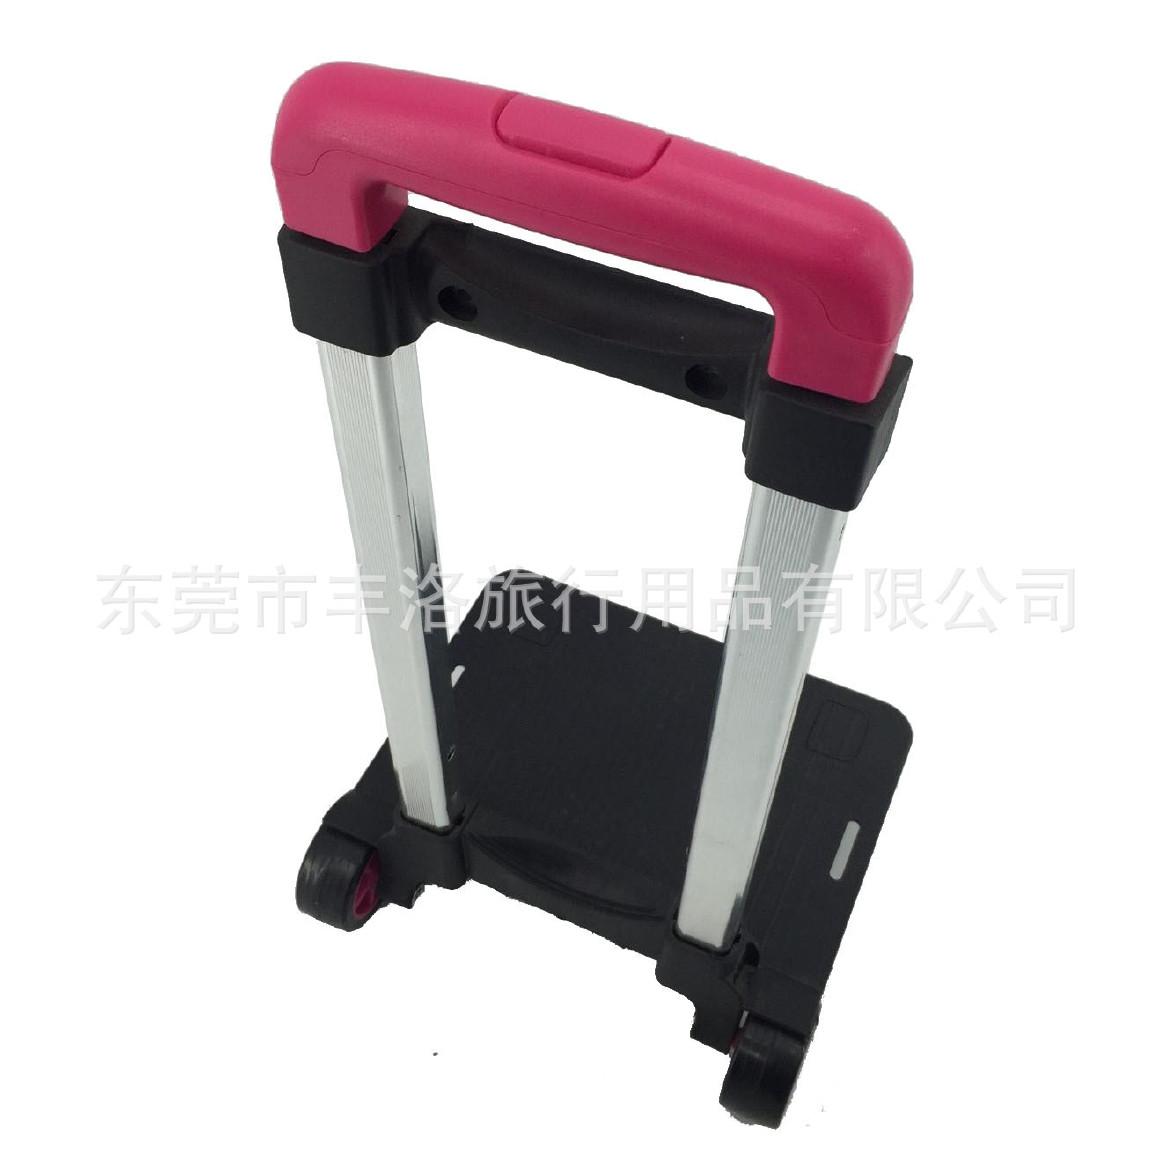 箱包配件 书包拉杆 伸缩拉杆 儿童拉杆单杆拉杆箱包拉杆2-3节塑料图片